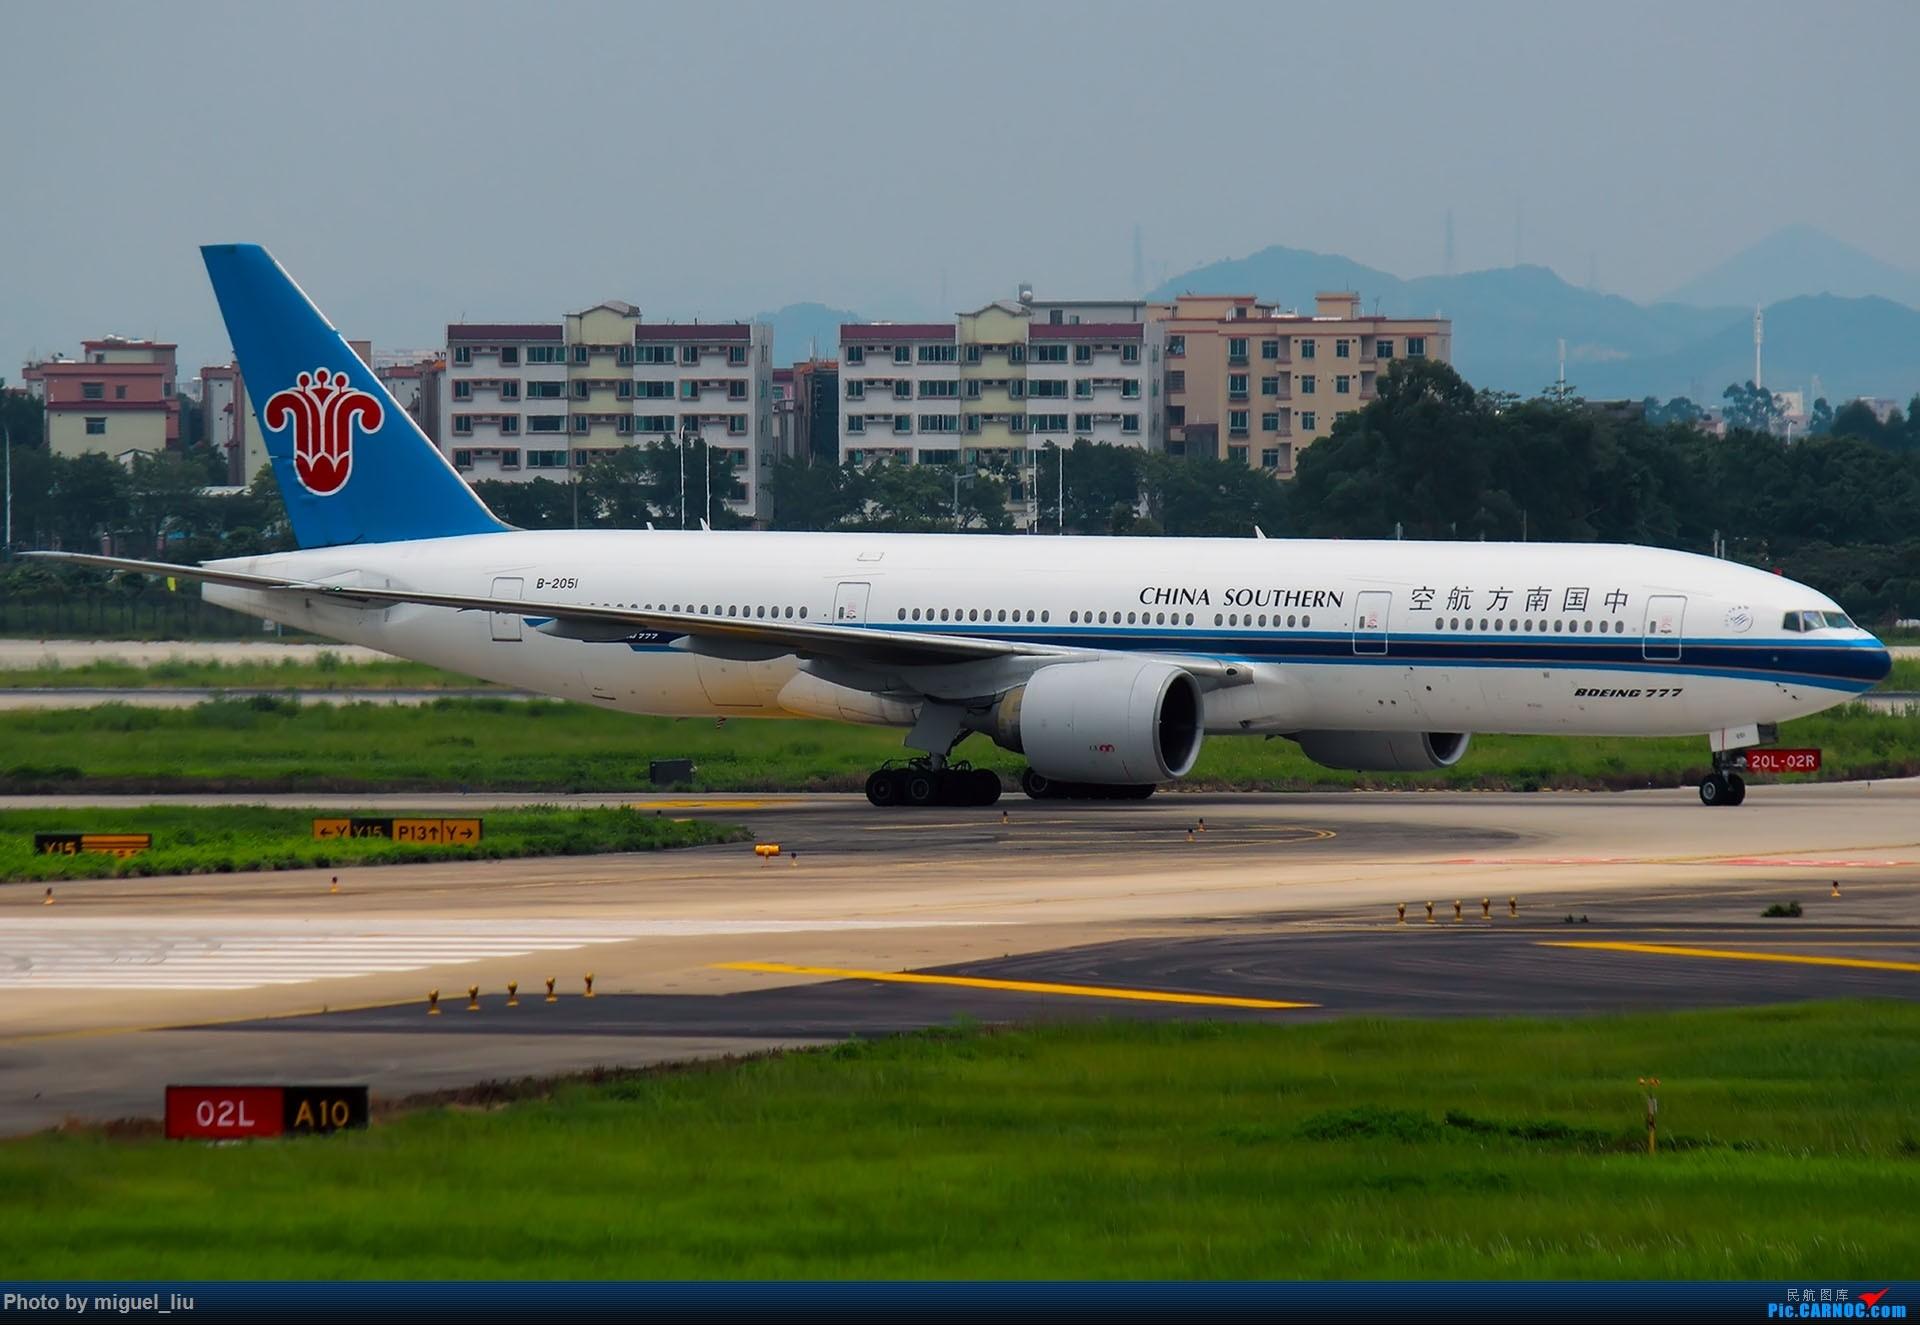 Re:[原创][*********Miguel_liu********]7月28日例行打卡 BOEING 777-200 B-2051 中国广州白云国际机场